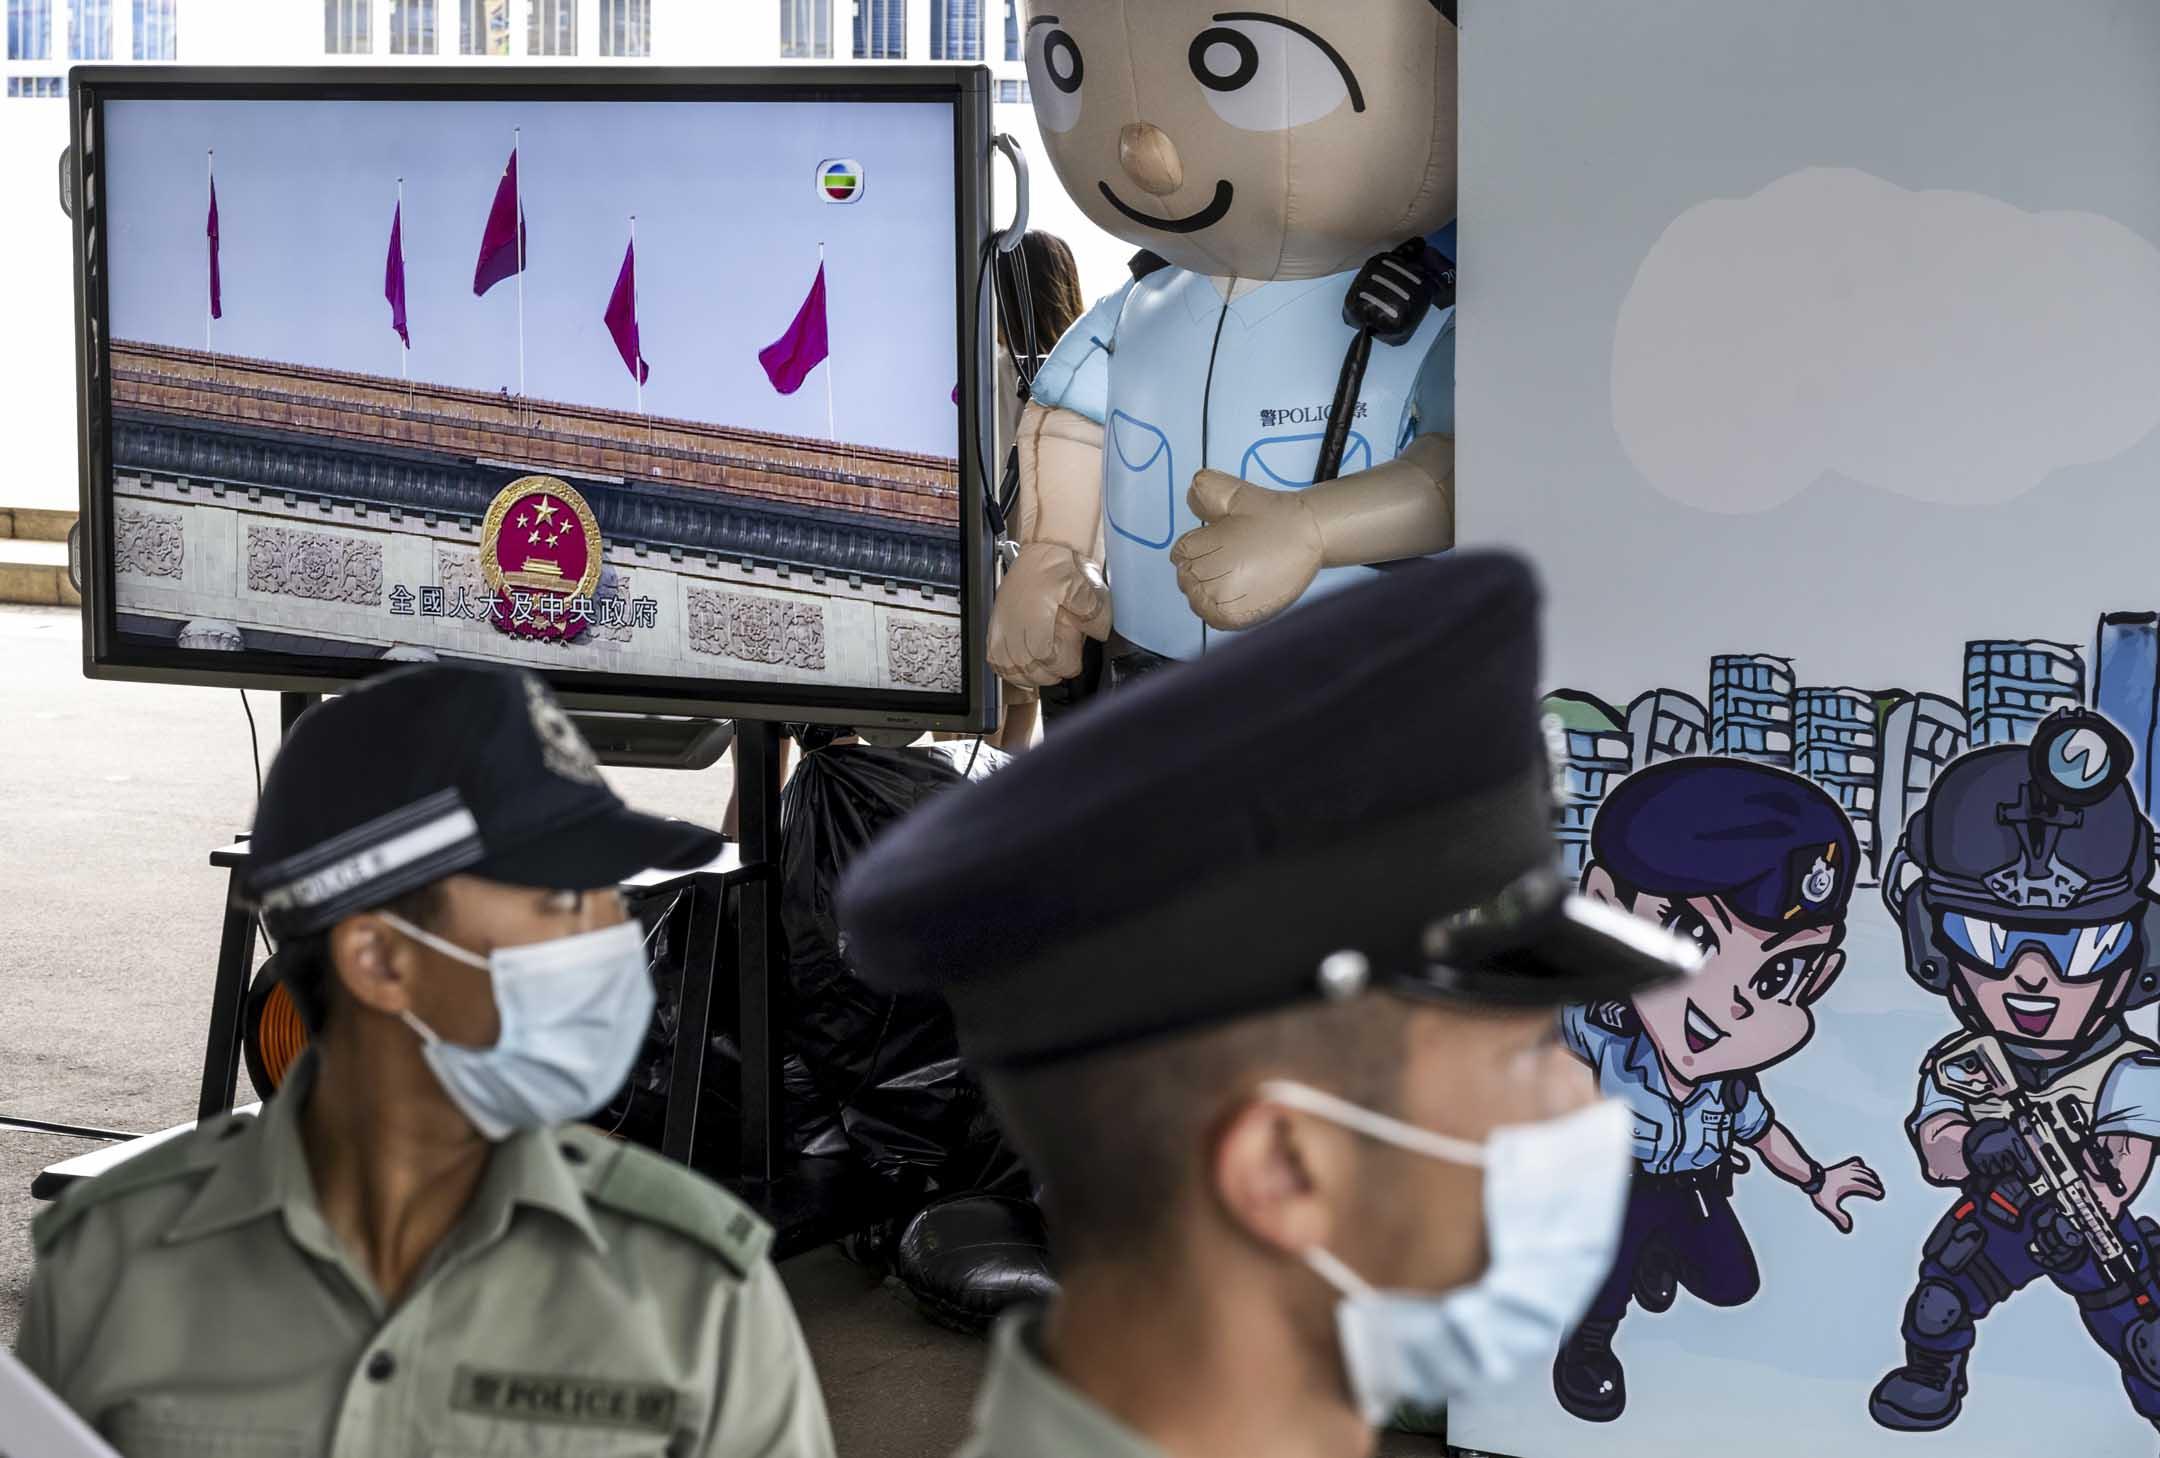 2021年4月15日,香港警察學院舉行的國家安全教育日開放日。